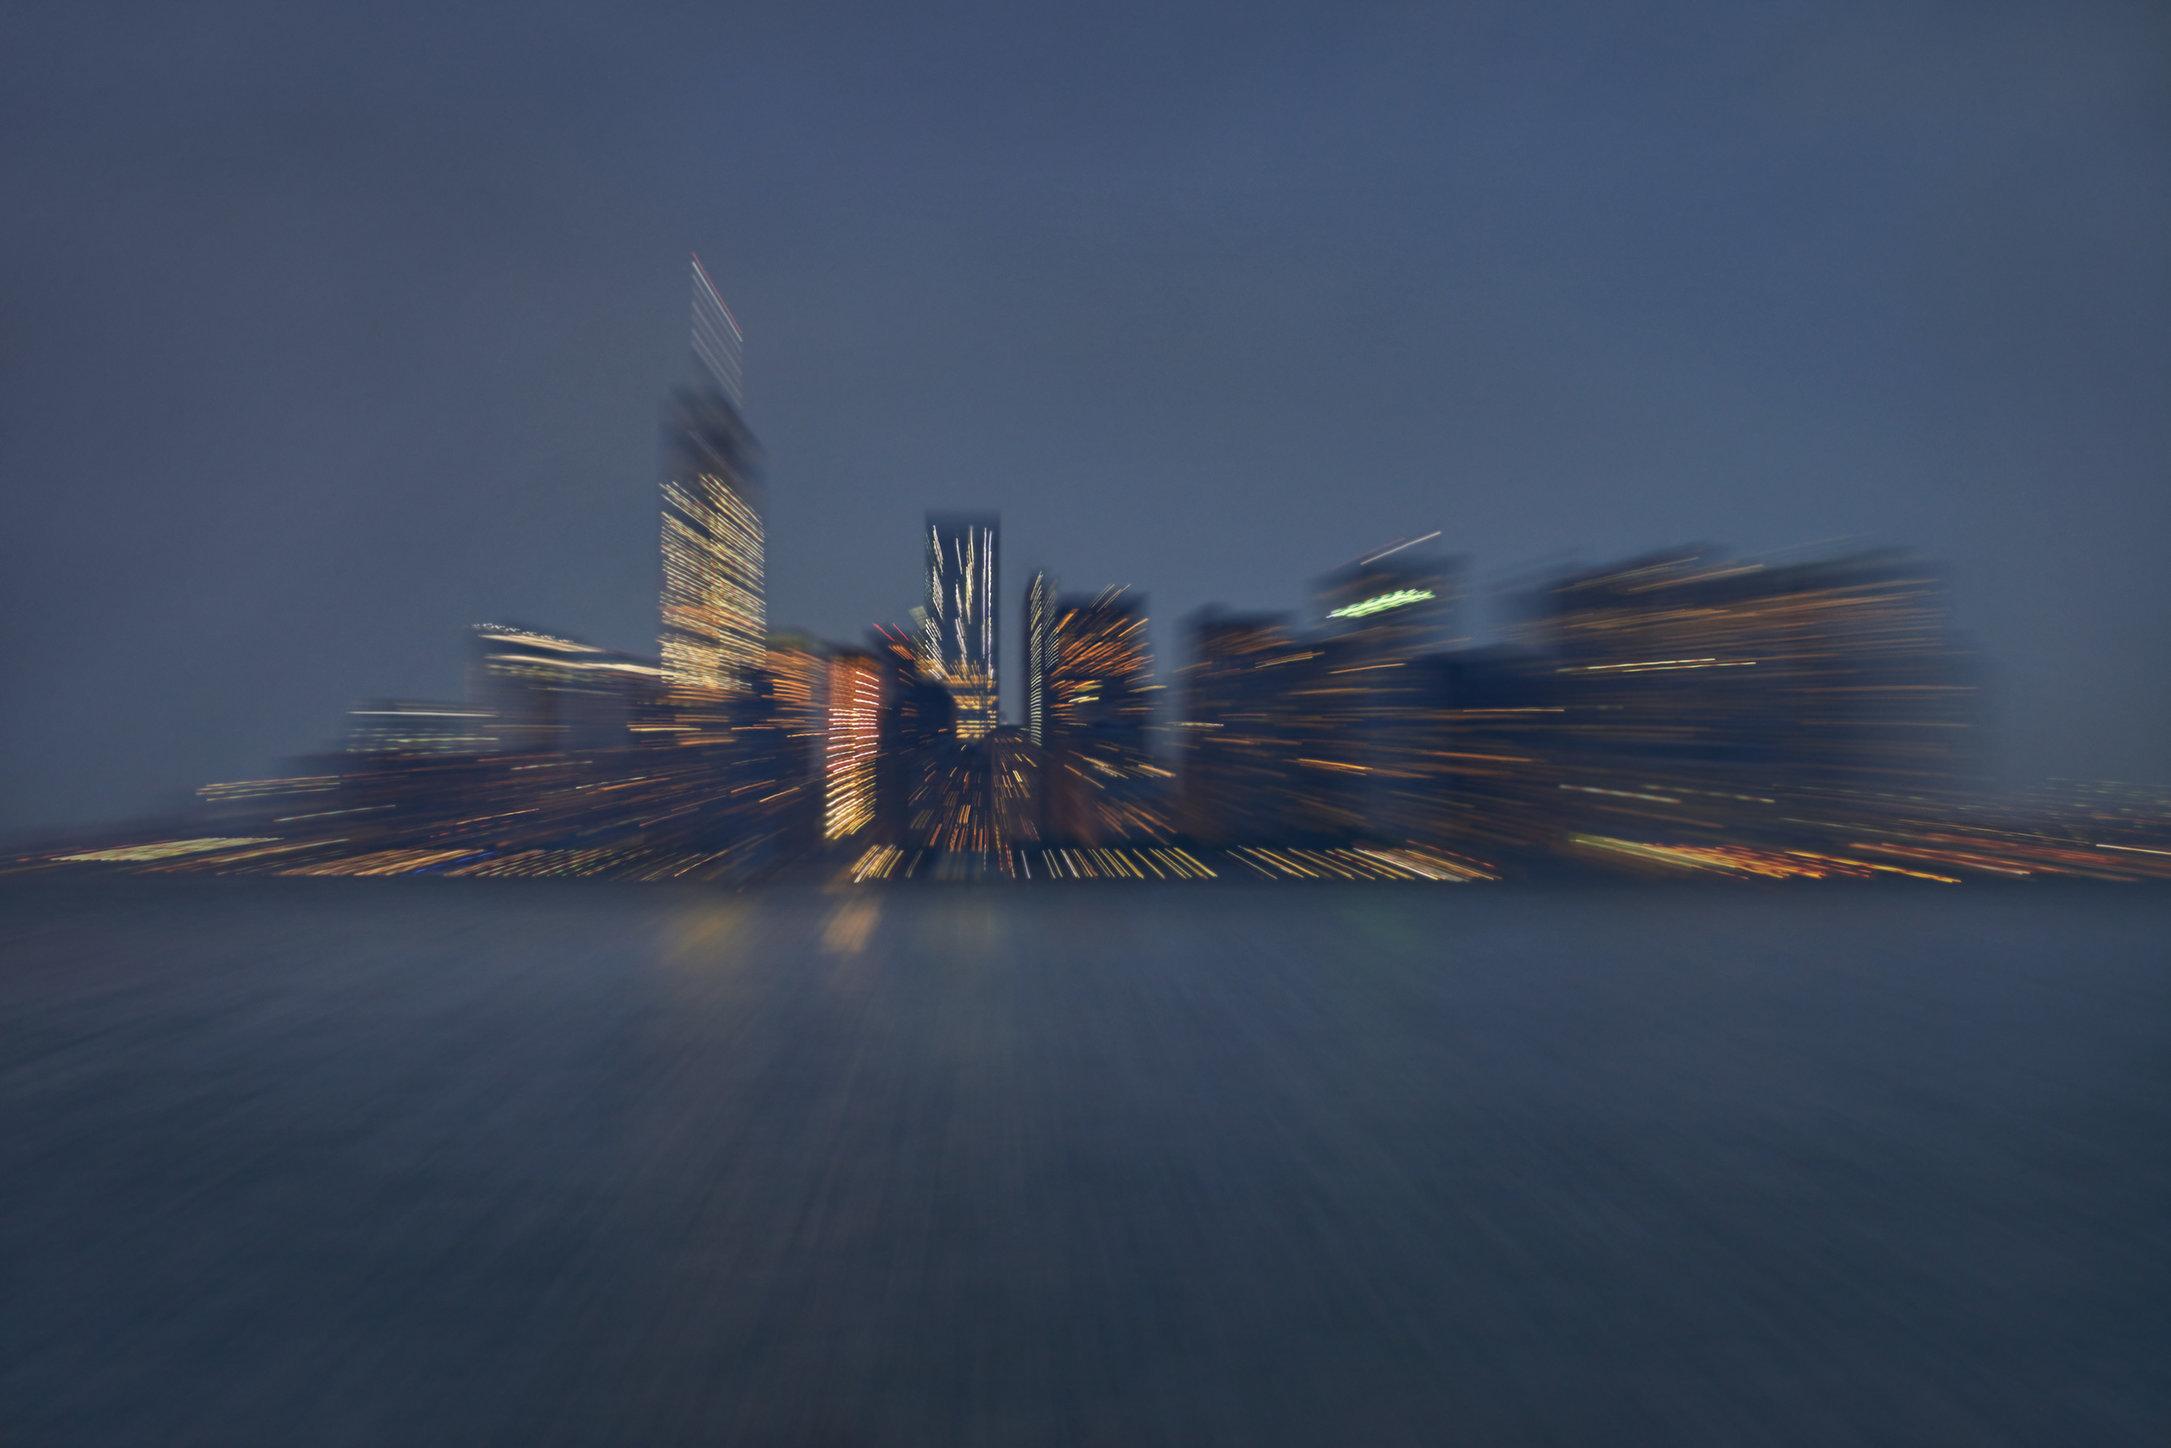 Metamorphis II / NY Skyline / Nightfall